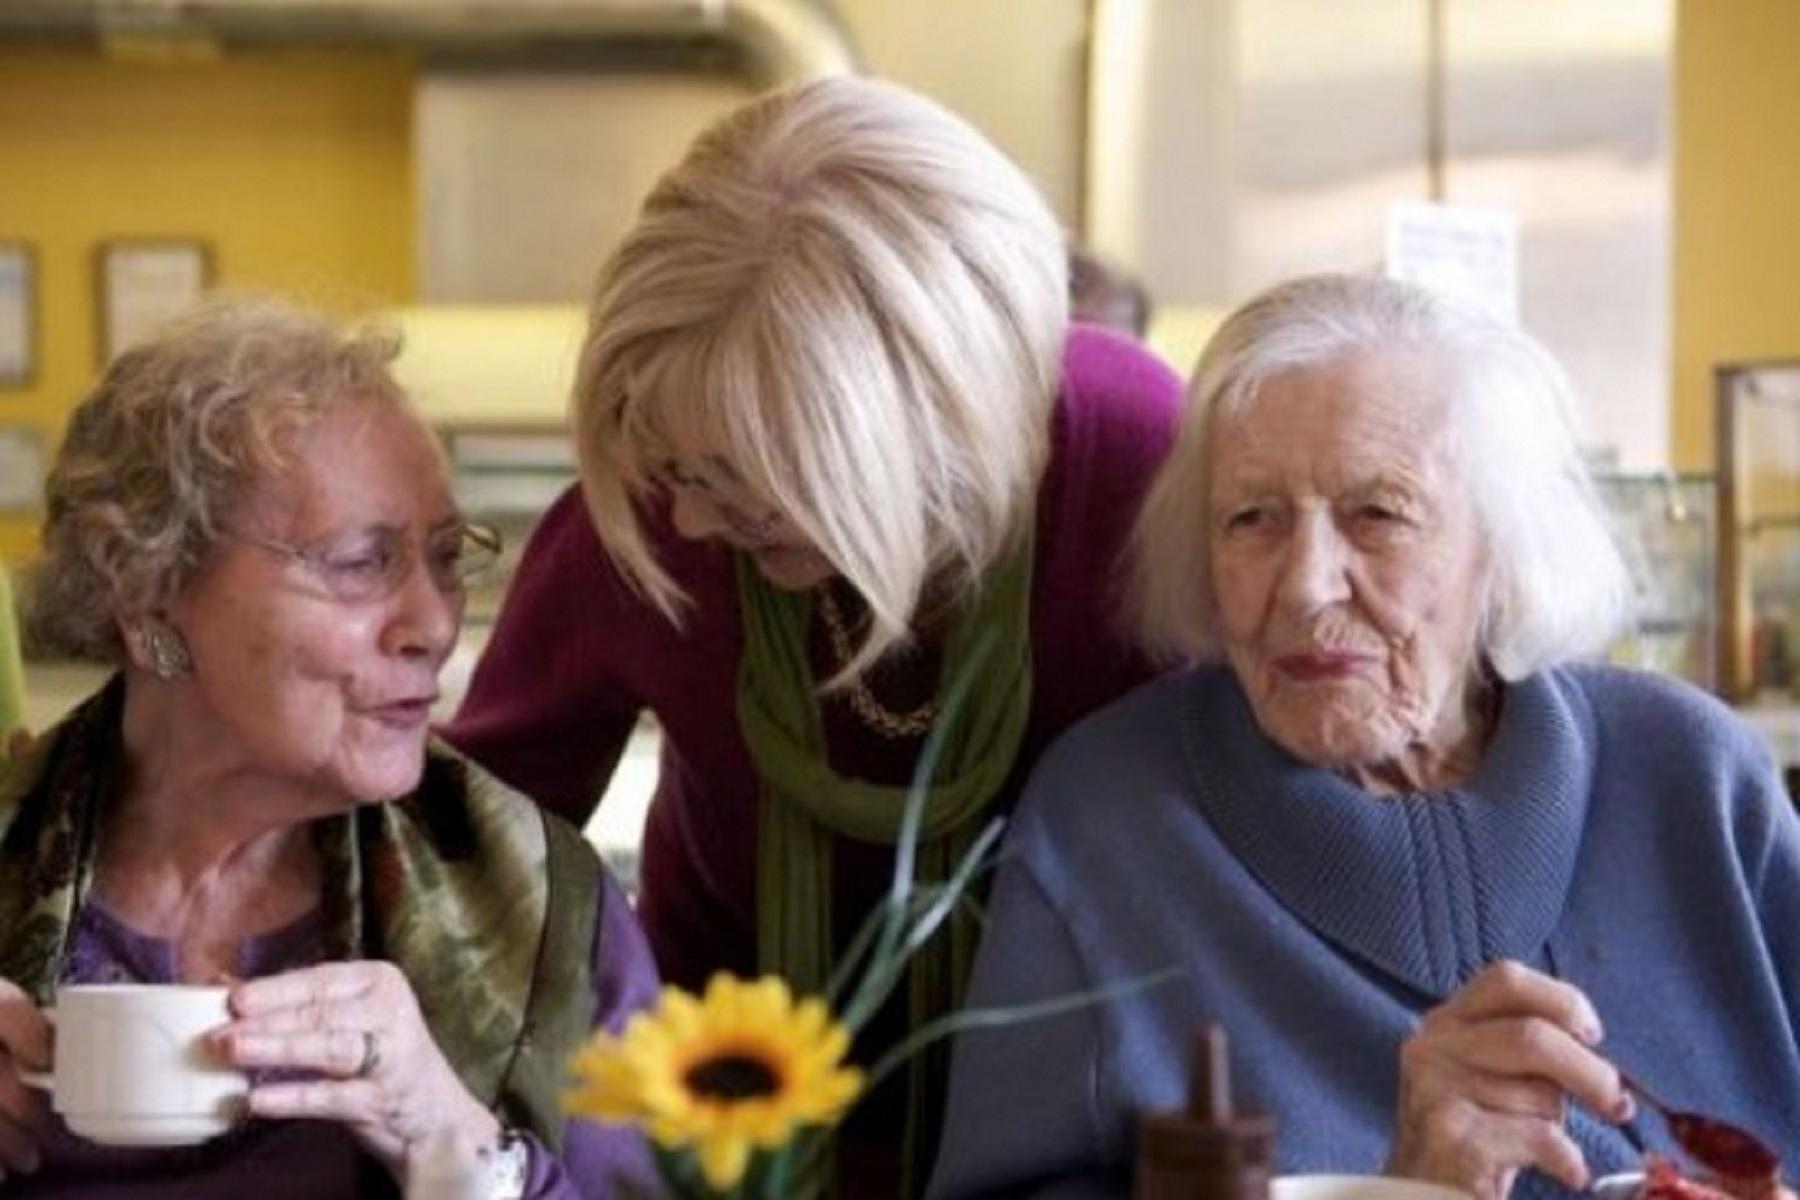 Άνοια Αλτσχάιμερ: Δύο ξεχωριστές νόσοι – Δείτε τις αιτίες και τα σημάδια